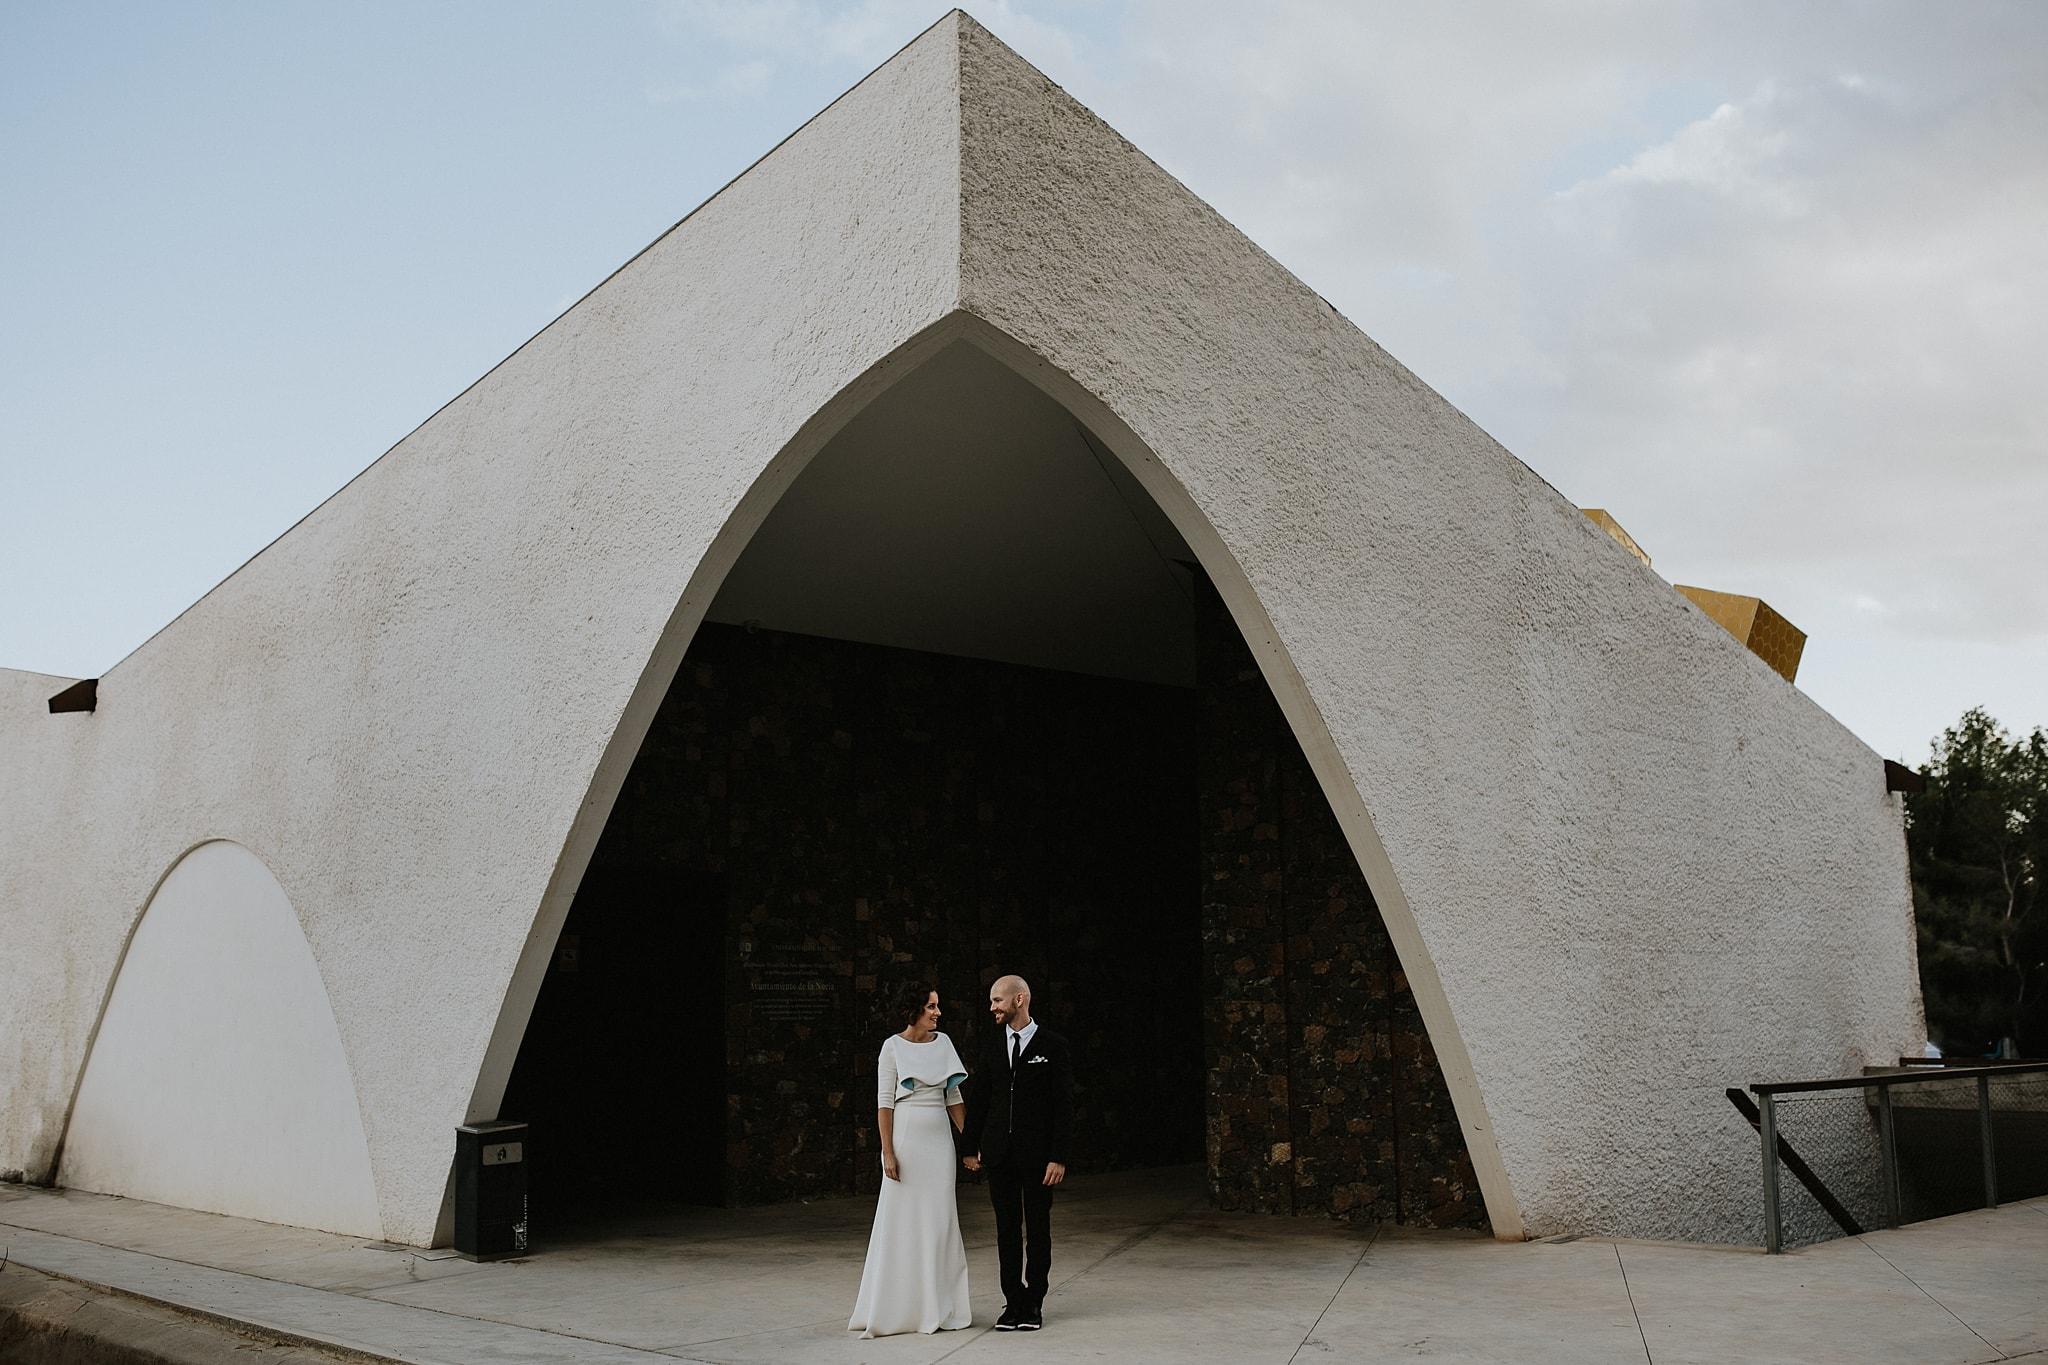 prisma-blanco-fotografia-bodas-altea-141